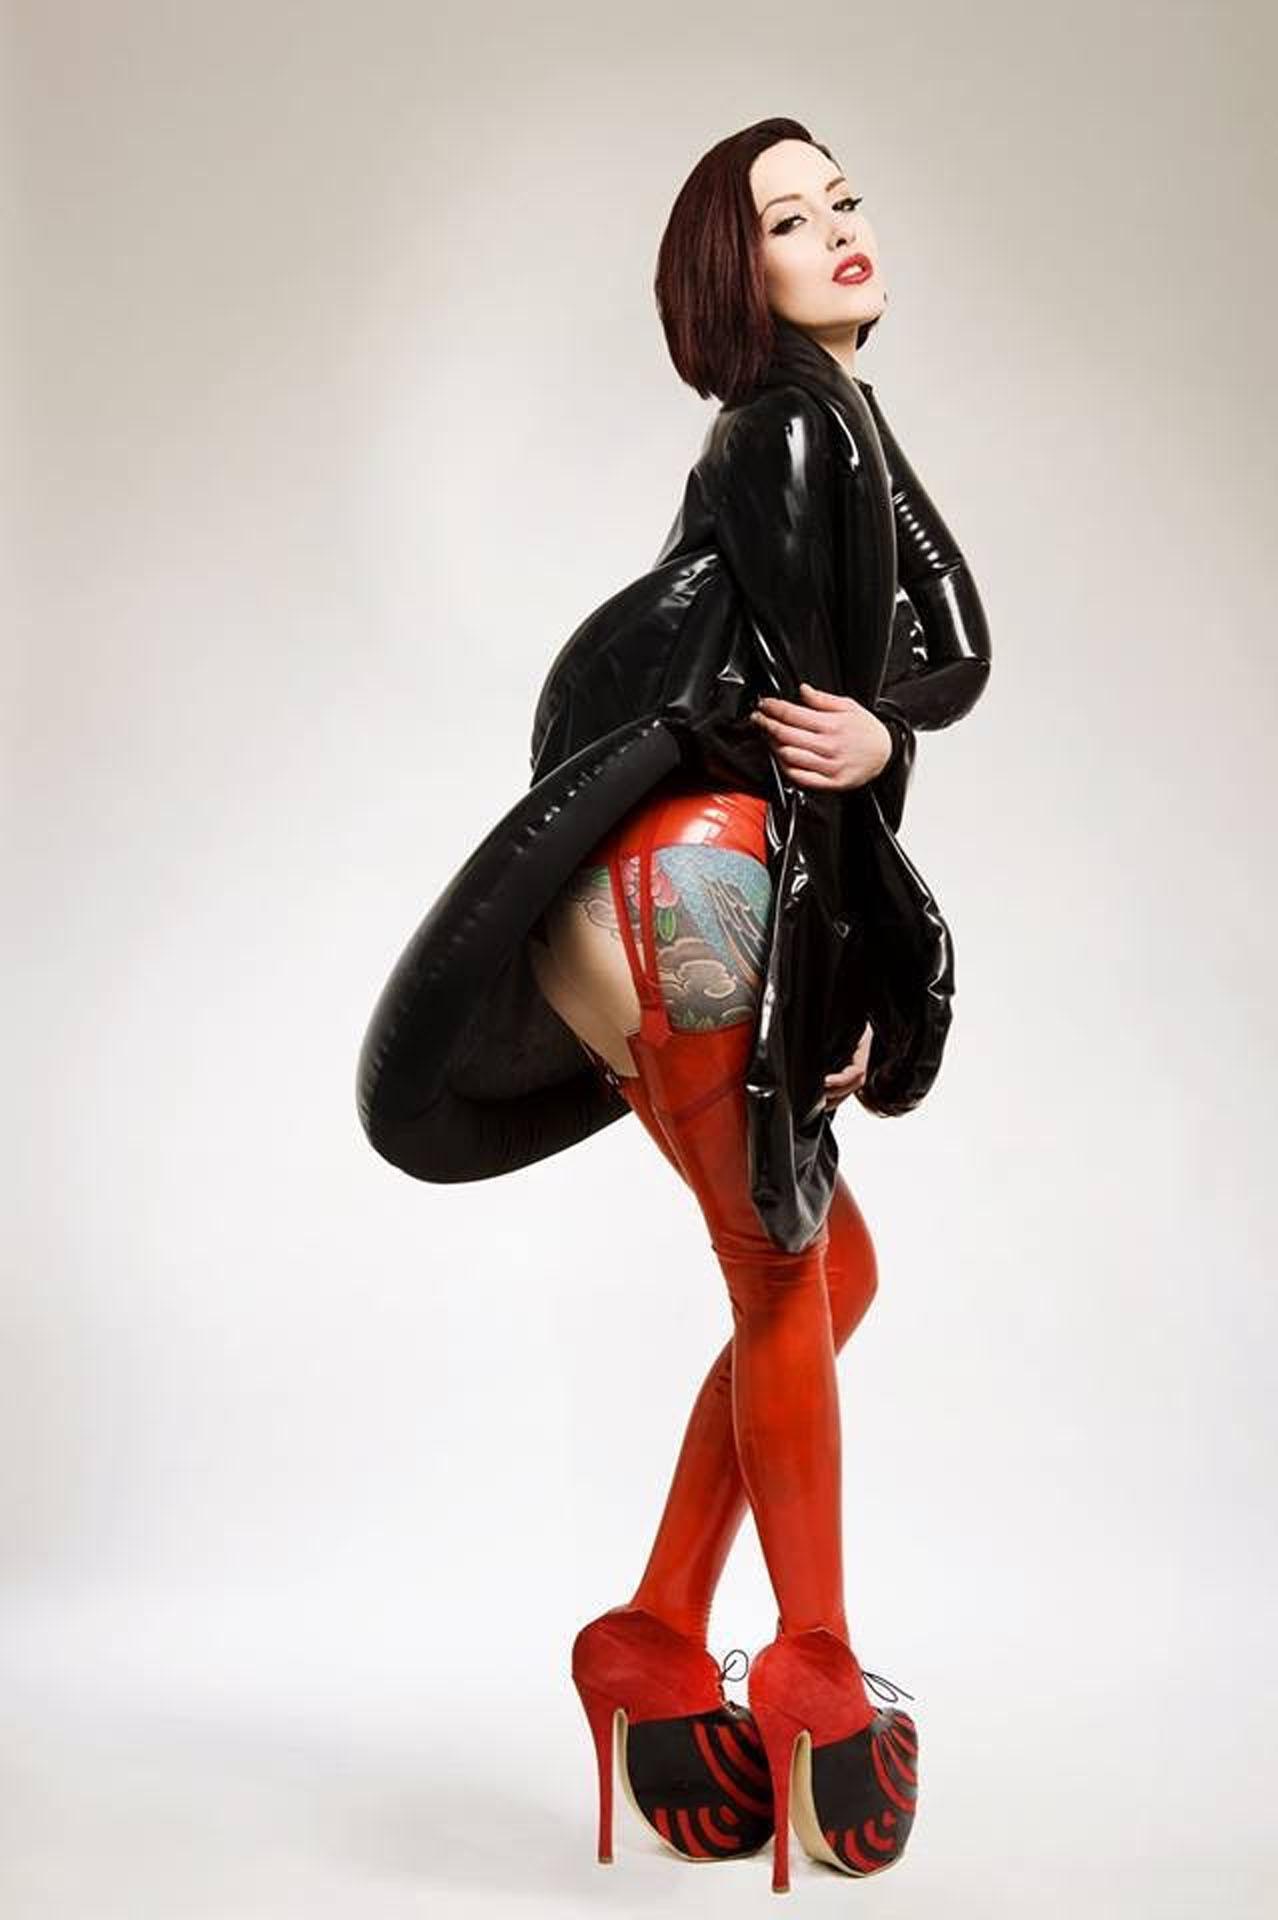 Mistress Adreena 2